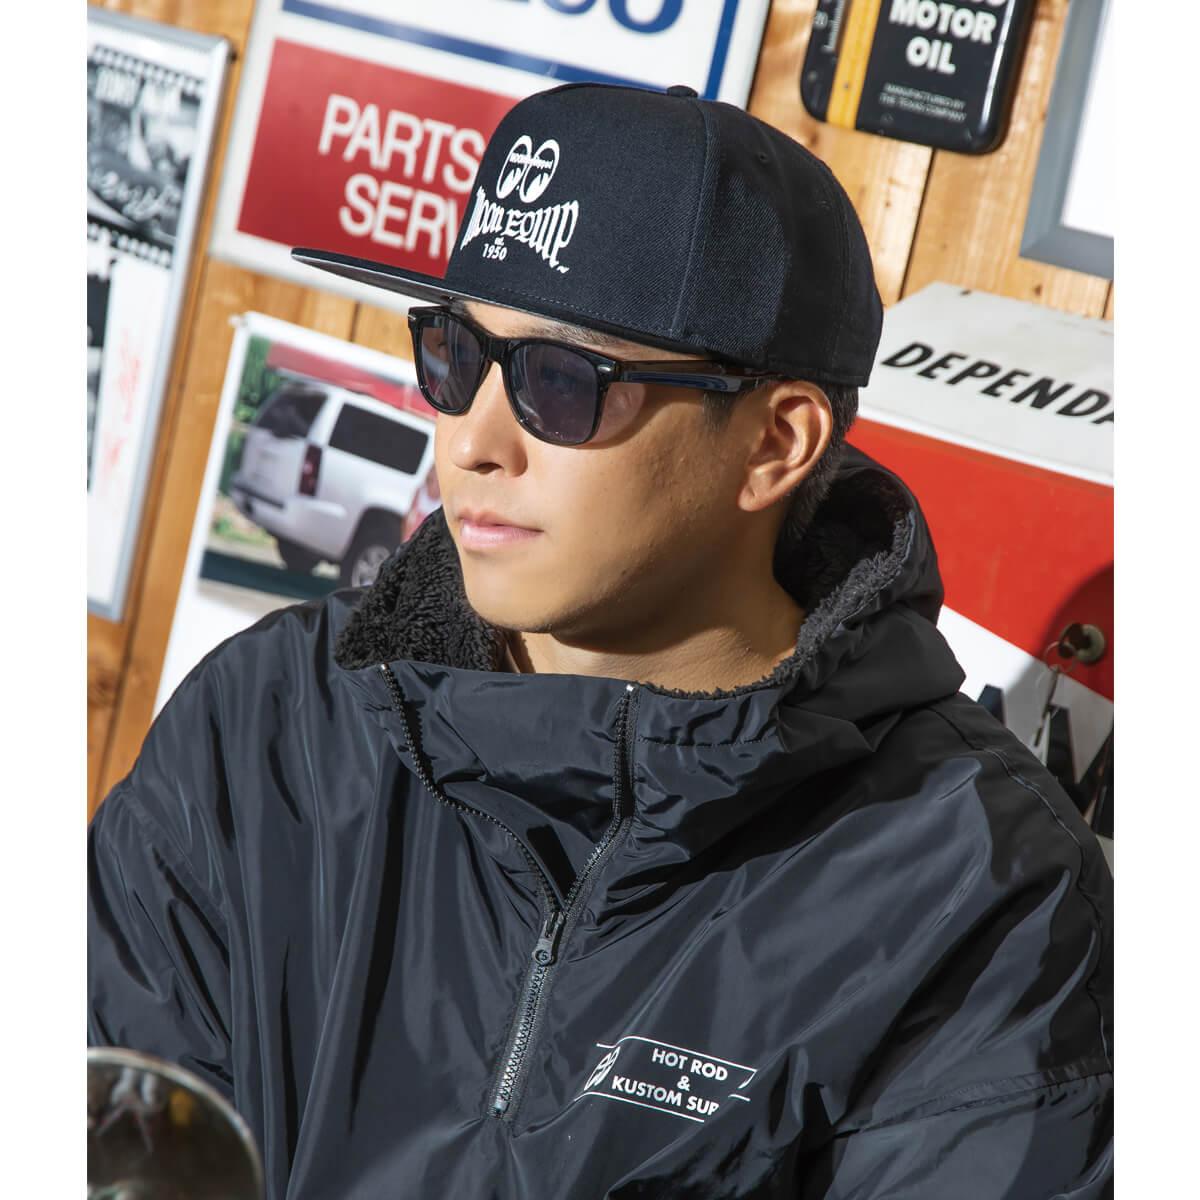 ムーンアイズ フラットバイザー メンズ レディース カジュアル キャップ 帽子 代引き不可 レッド ブラック Equipped プレゼント バイザー 5 ロゴ 刺繍 パネル フラット MOON ホワイト